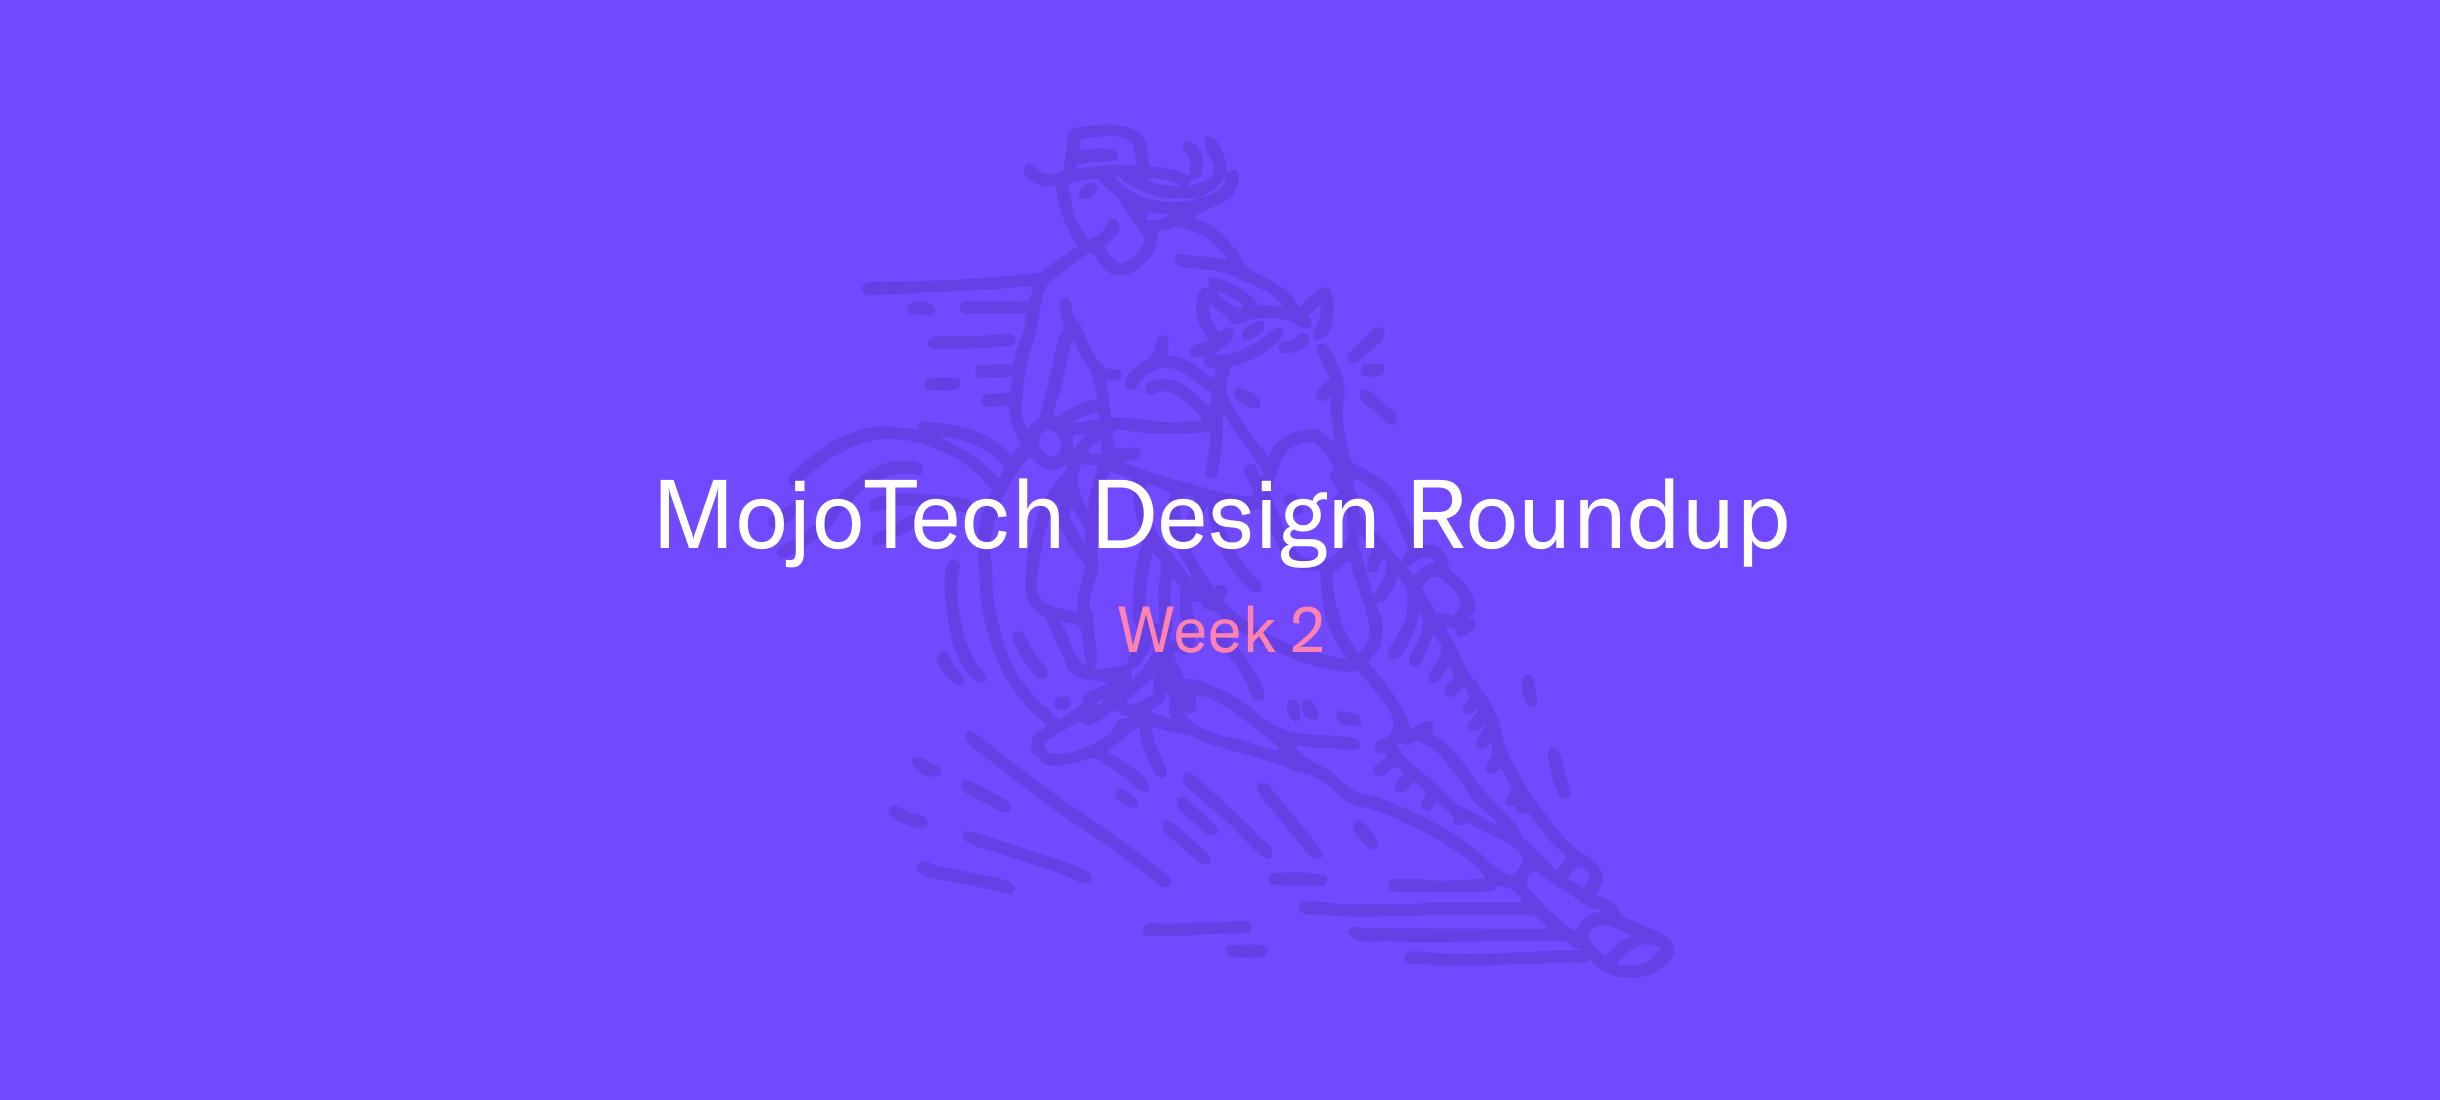 MojoTech Design Roundup week 2